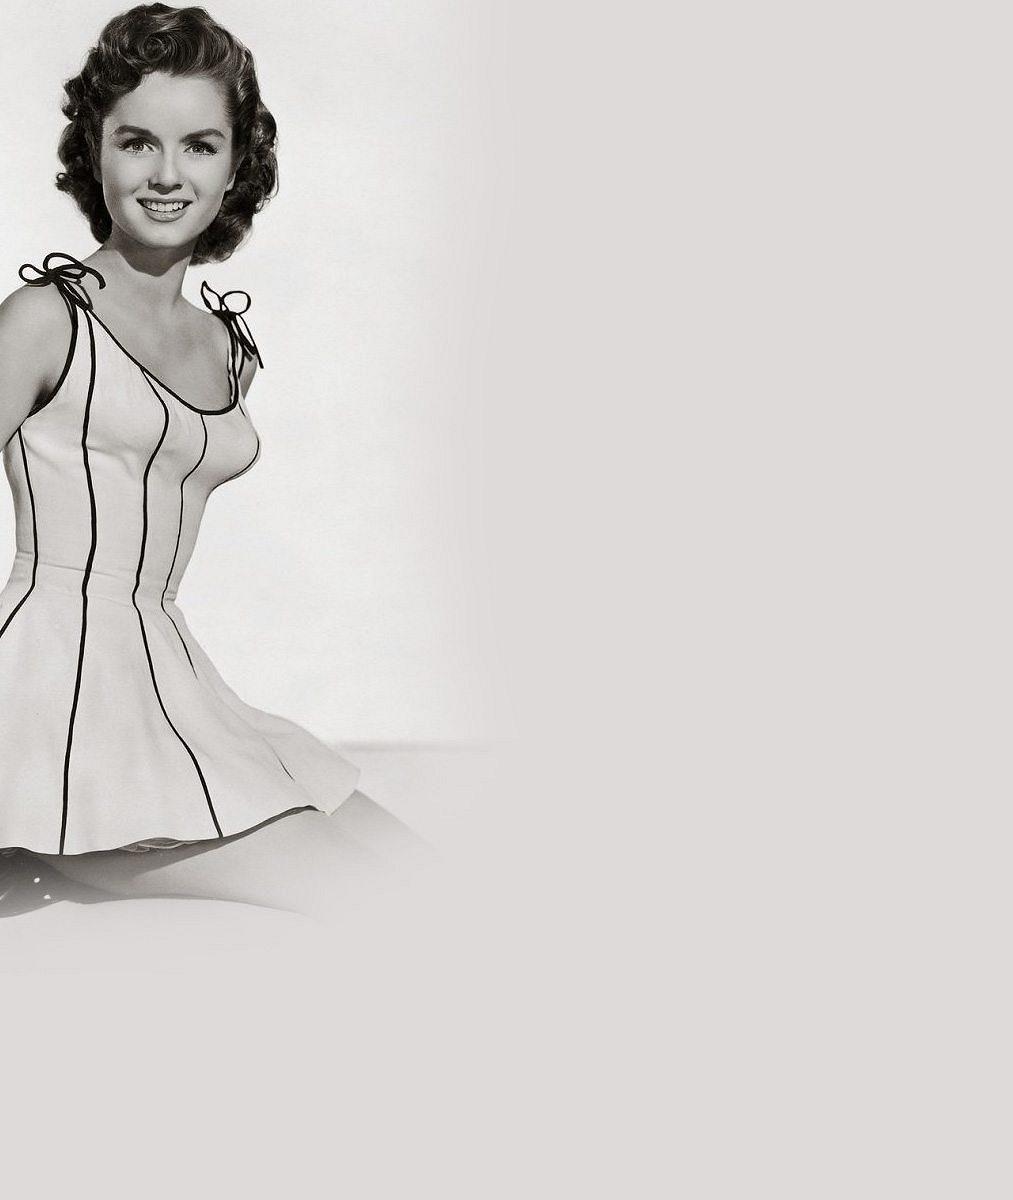 Už vpolovině minulého století jí Hollywood ležel unohou: Legendární herečka neztrácí šmrnc ani po osmdesátce